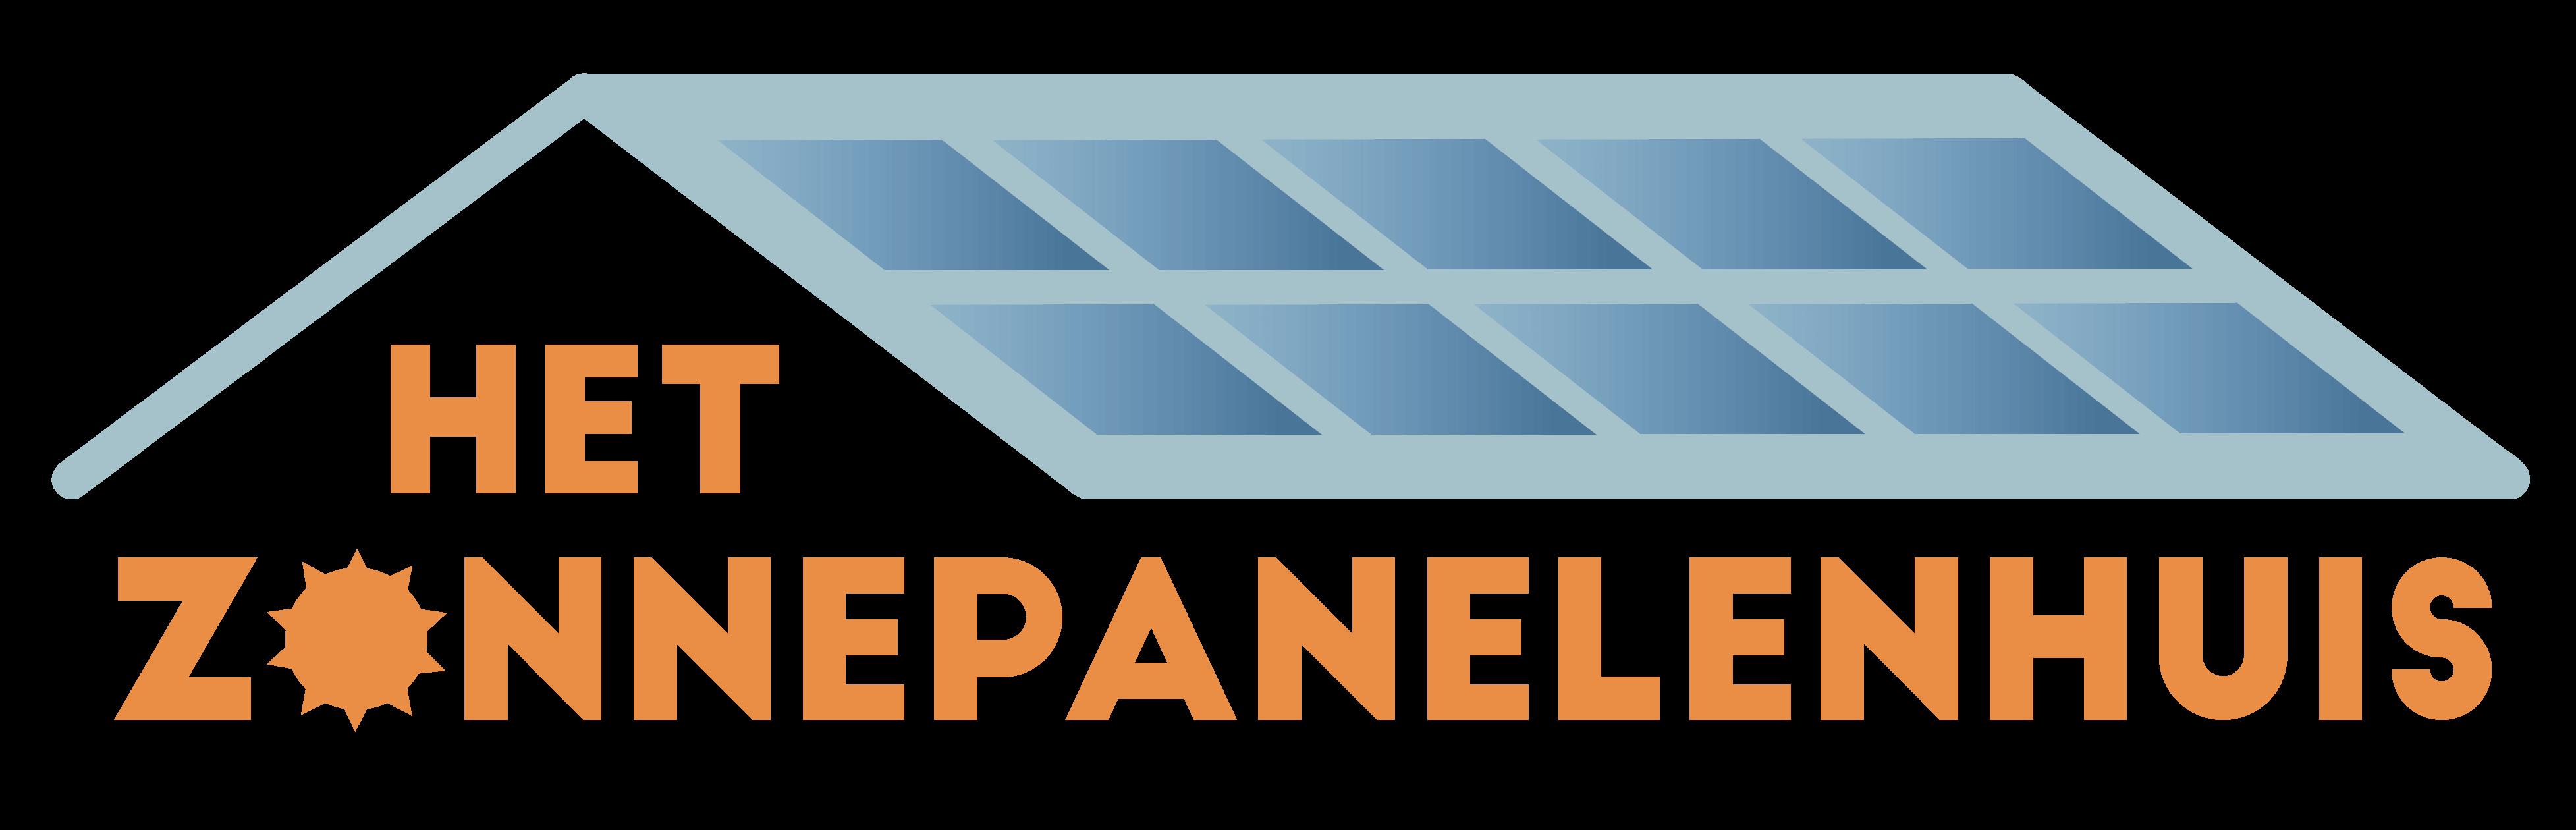 logo-zonnepanelenhuis-ommen